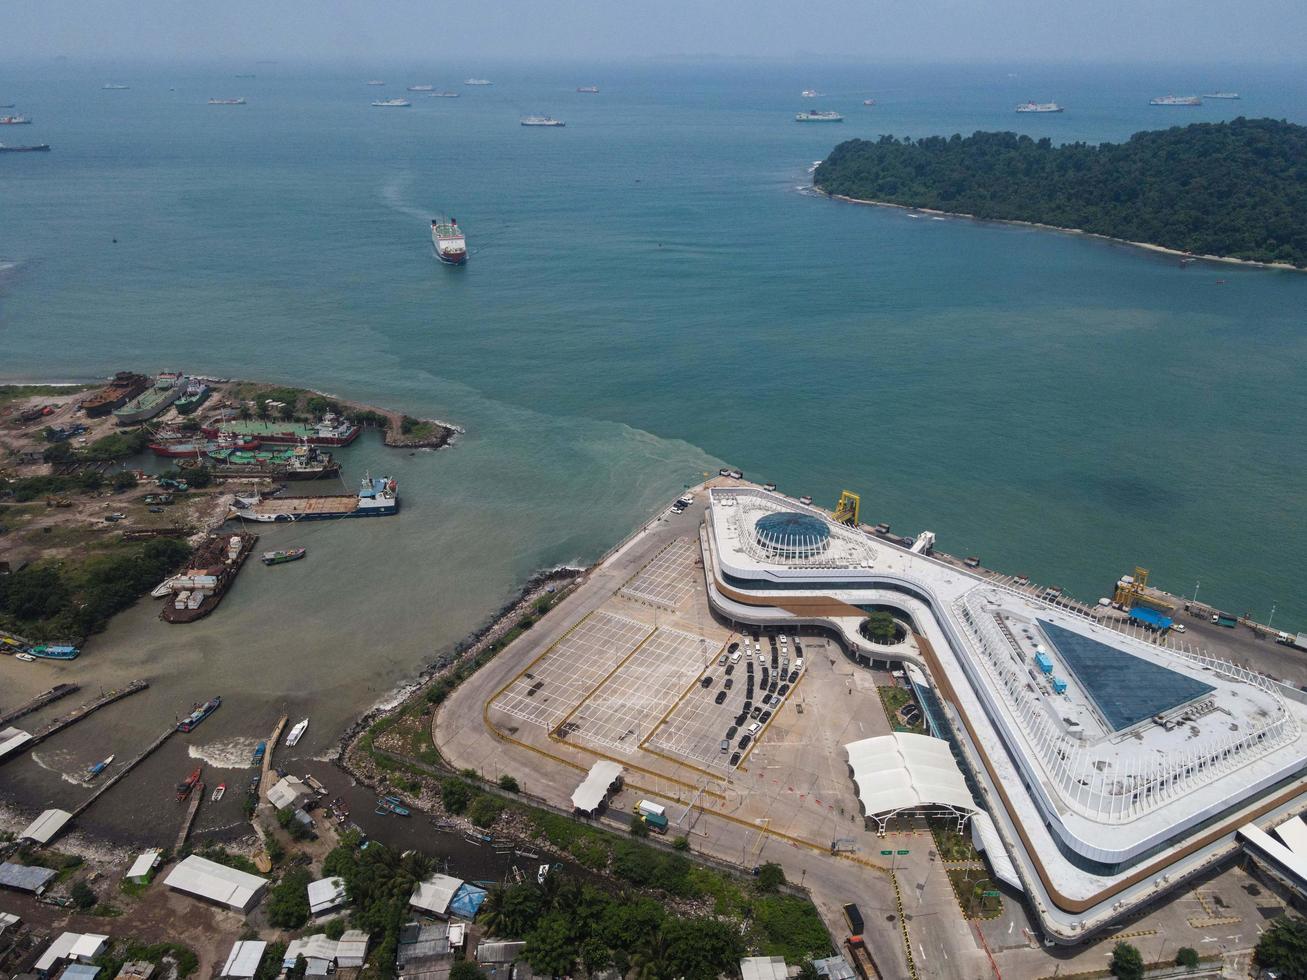 banten, Indonesien 2021 - Flygfoto över pelabuhan merak marina hamn och stad hamnön i solljusmorgonen foto